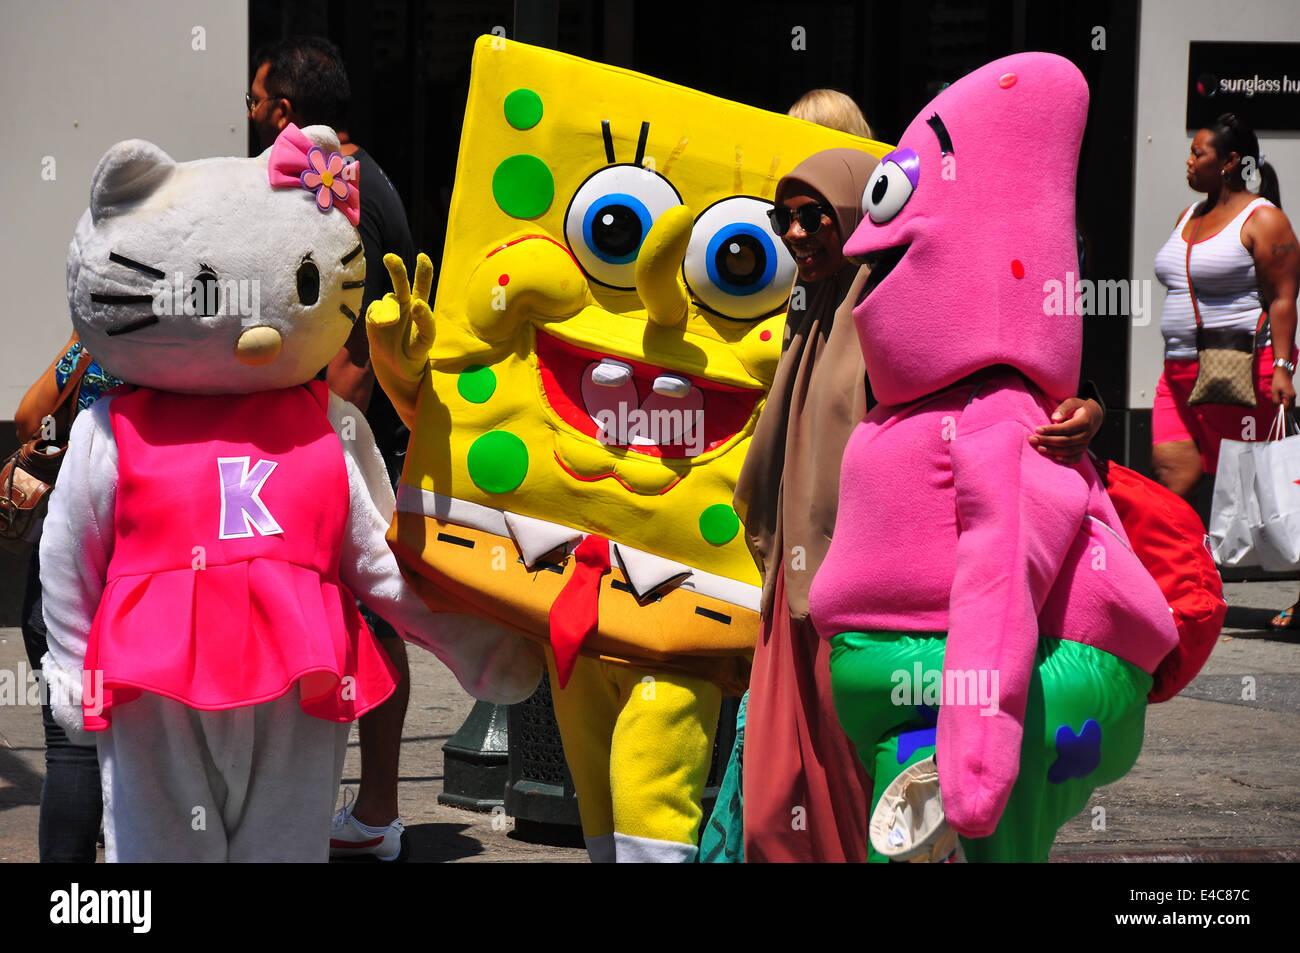 new york ny cartoon characters sponge bob hello kitty and pink